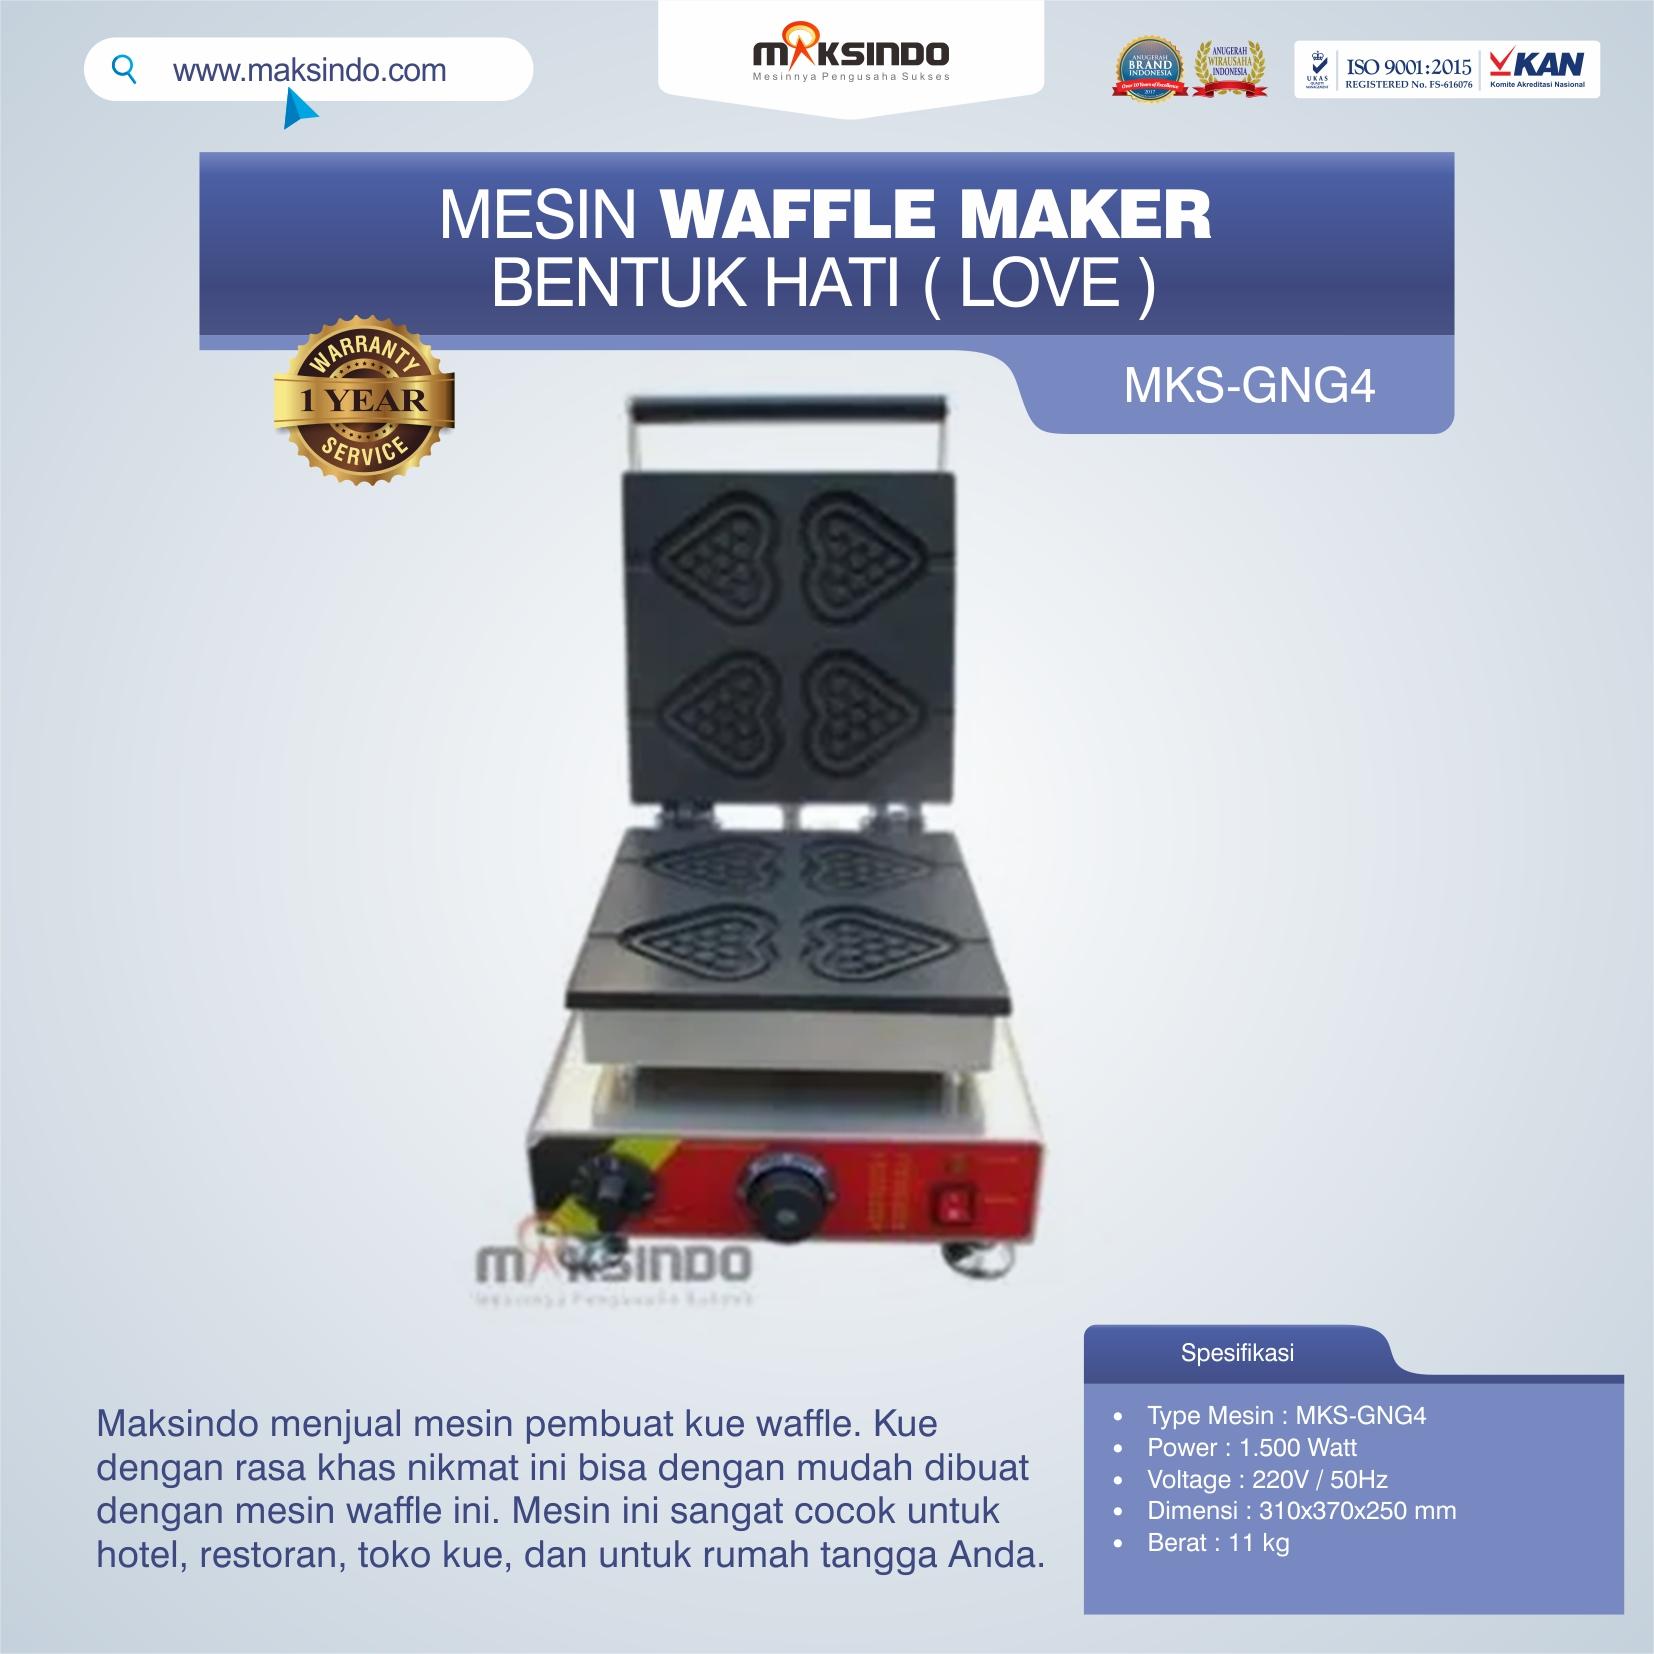 Jual Mesin Waffle Maker Bentuk Hati (Love) MKS-GNG4 di Mataram